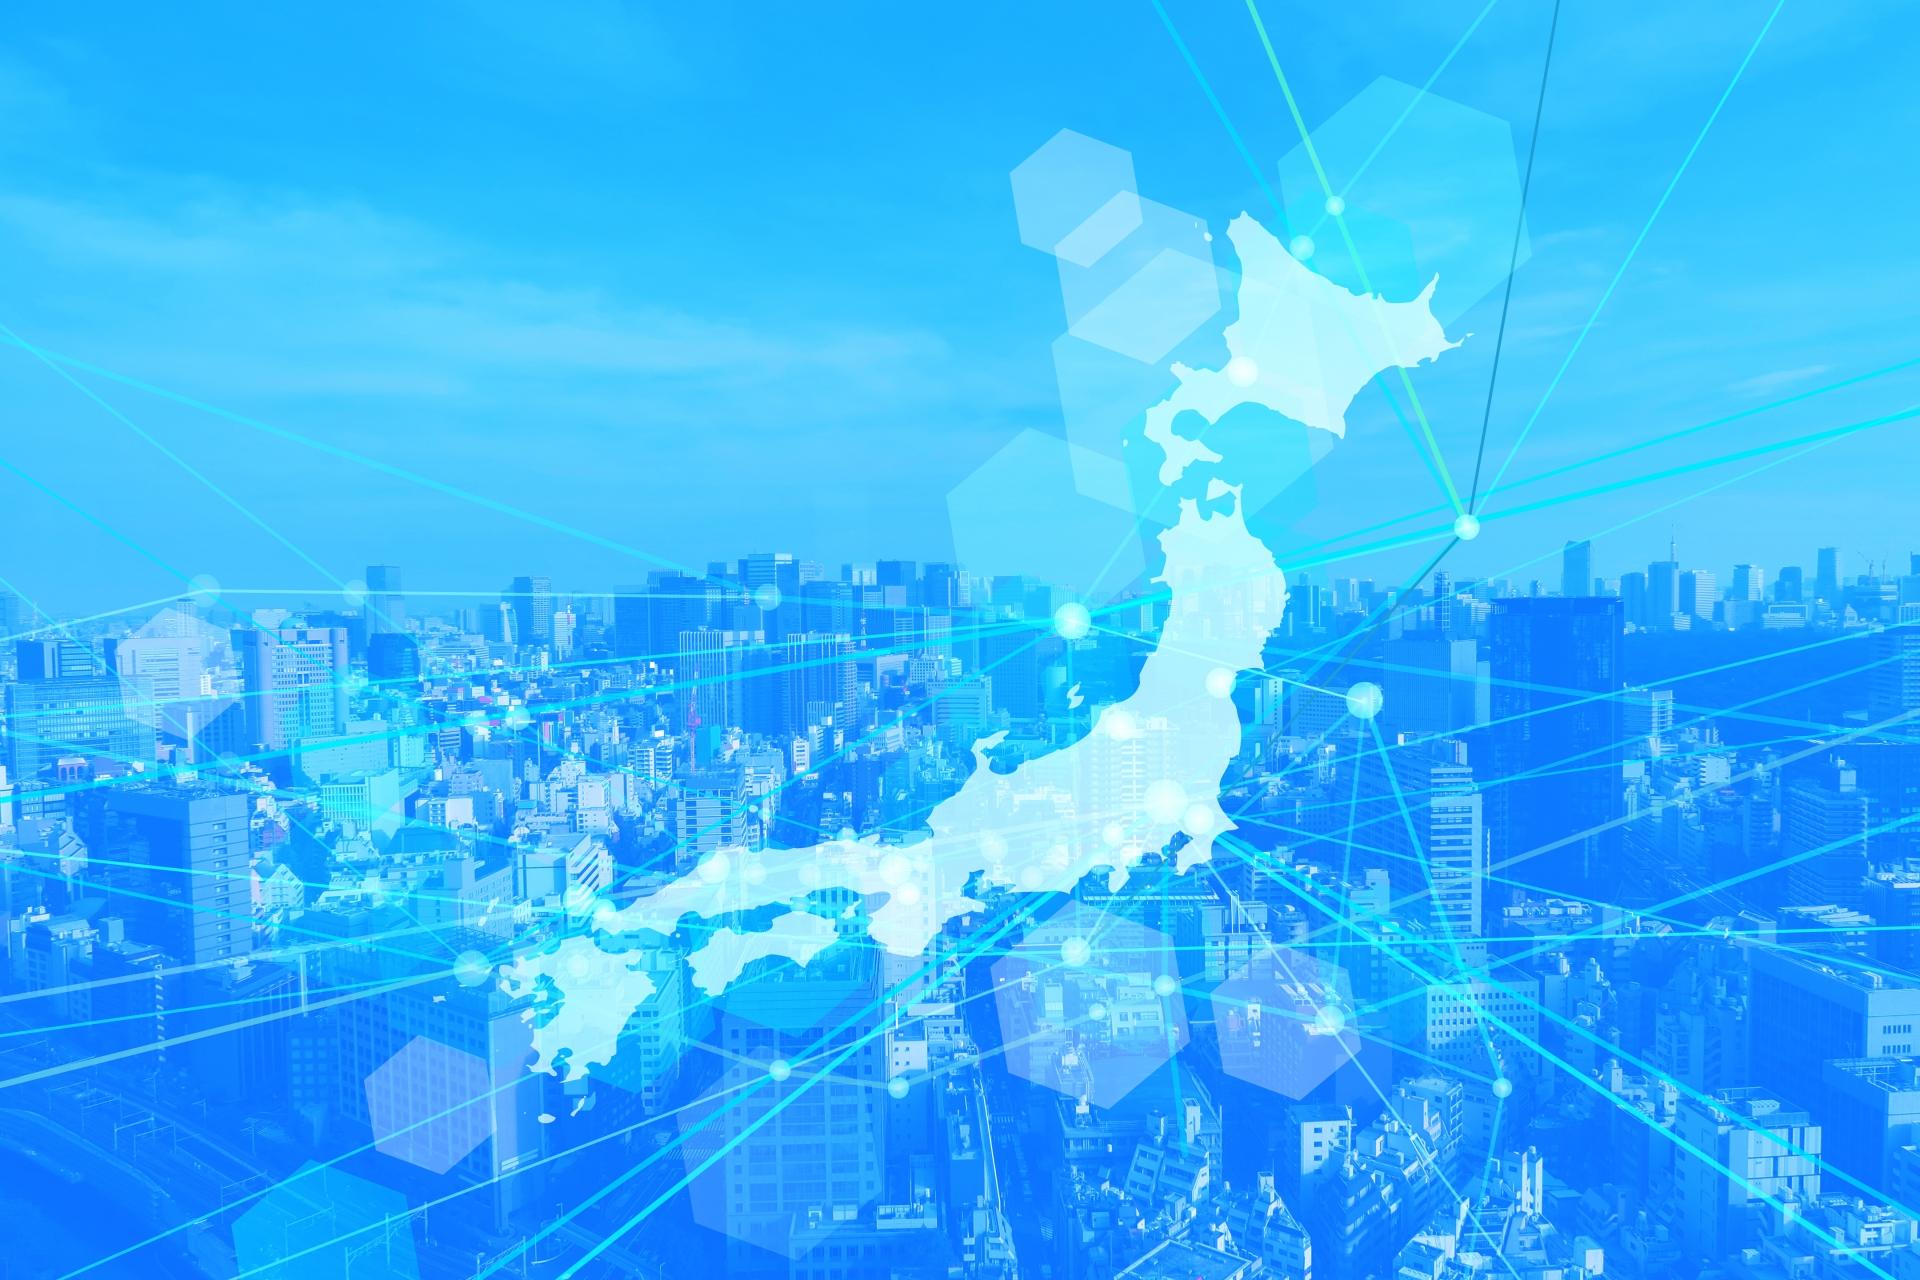 【日経ビジネス】日本の大企業が再び輝きを取り戻すには ― 赤羽雄二 ブレークスルーパートナーズ代表取締役に聞く